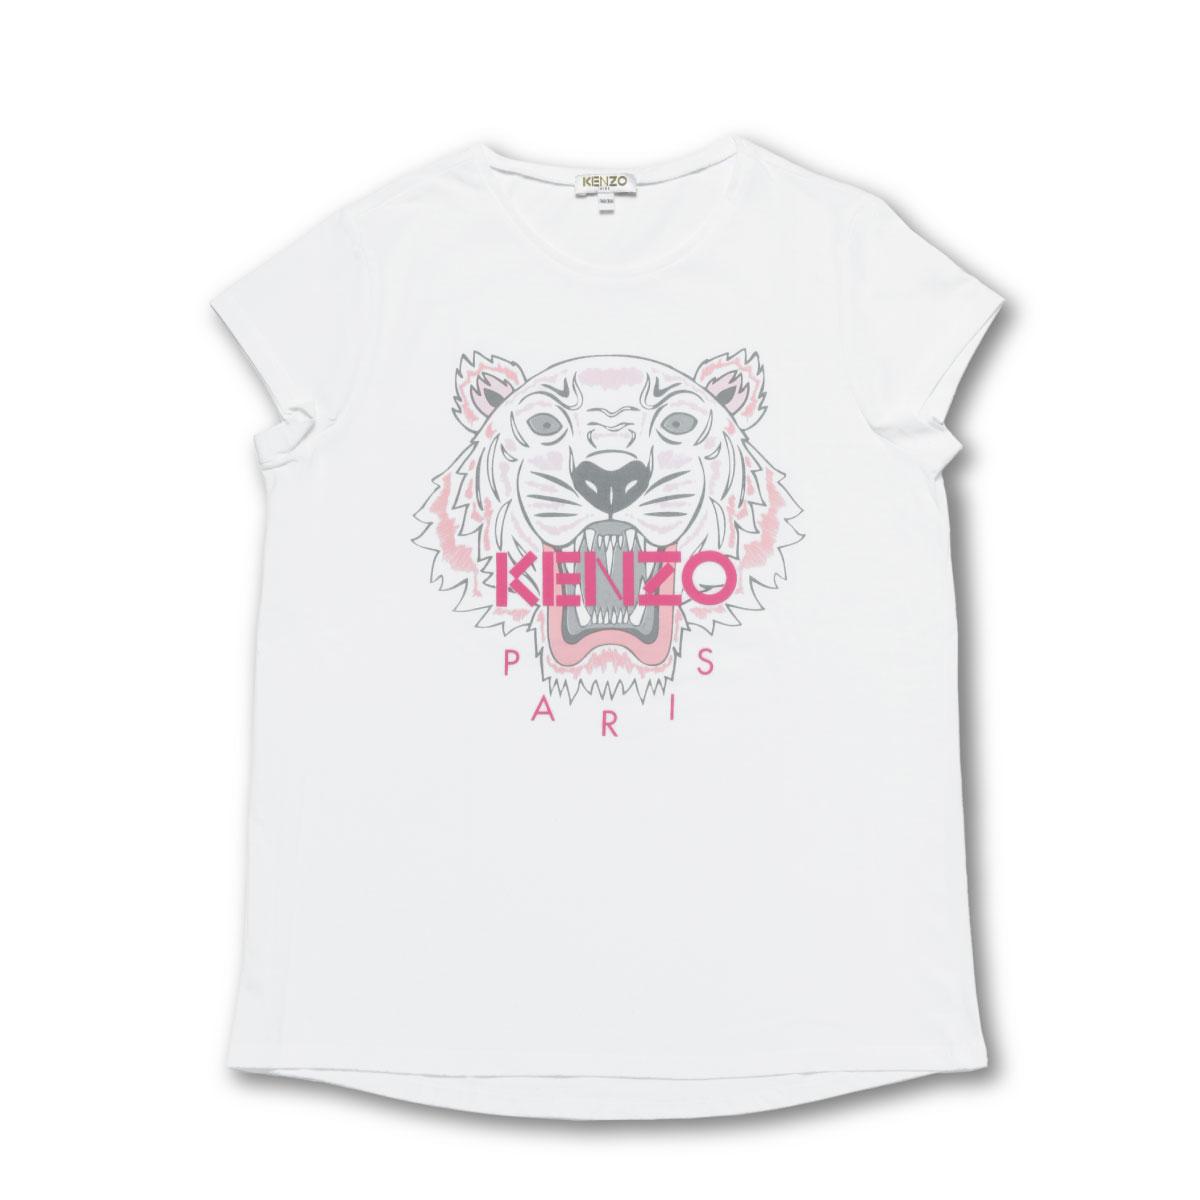 ケンゾー KENZO Tシャツ キッズ ガールズ KN10168 01P 半袖Tシャツ OPTIC WHITE ホワイト 14A